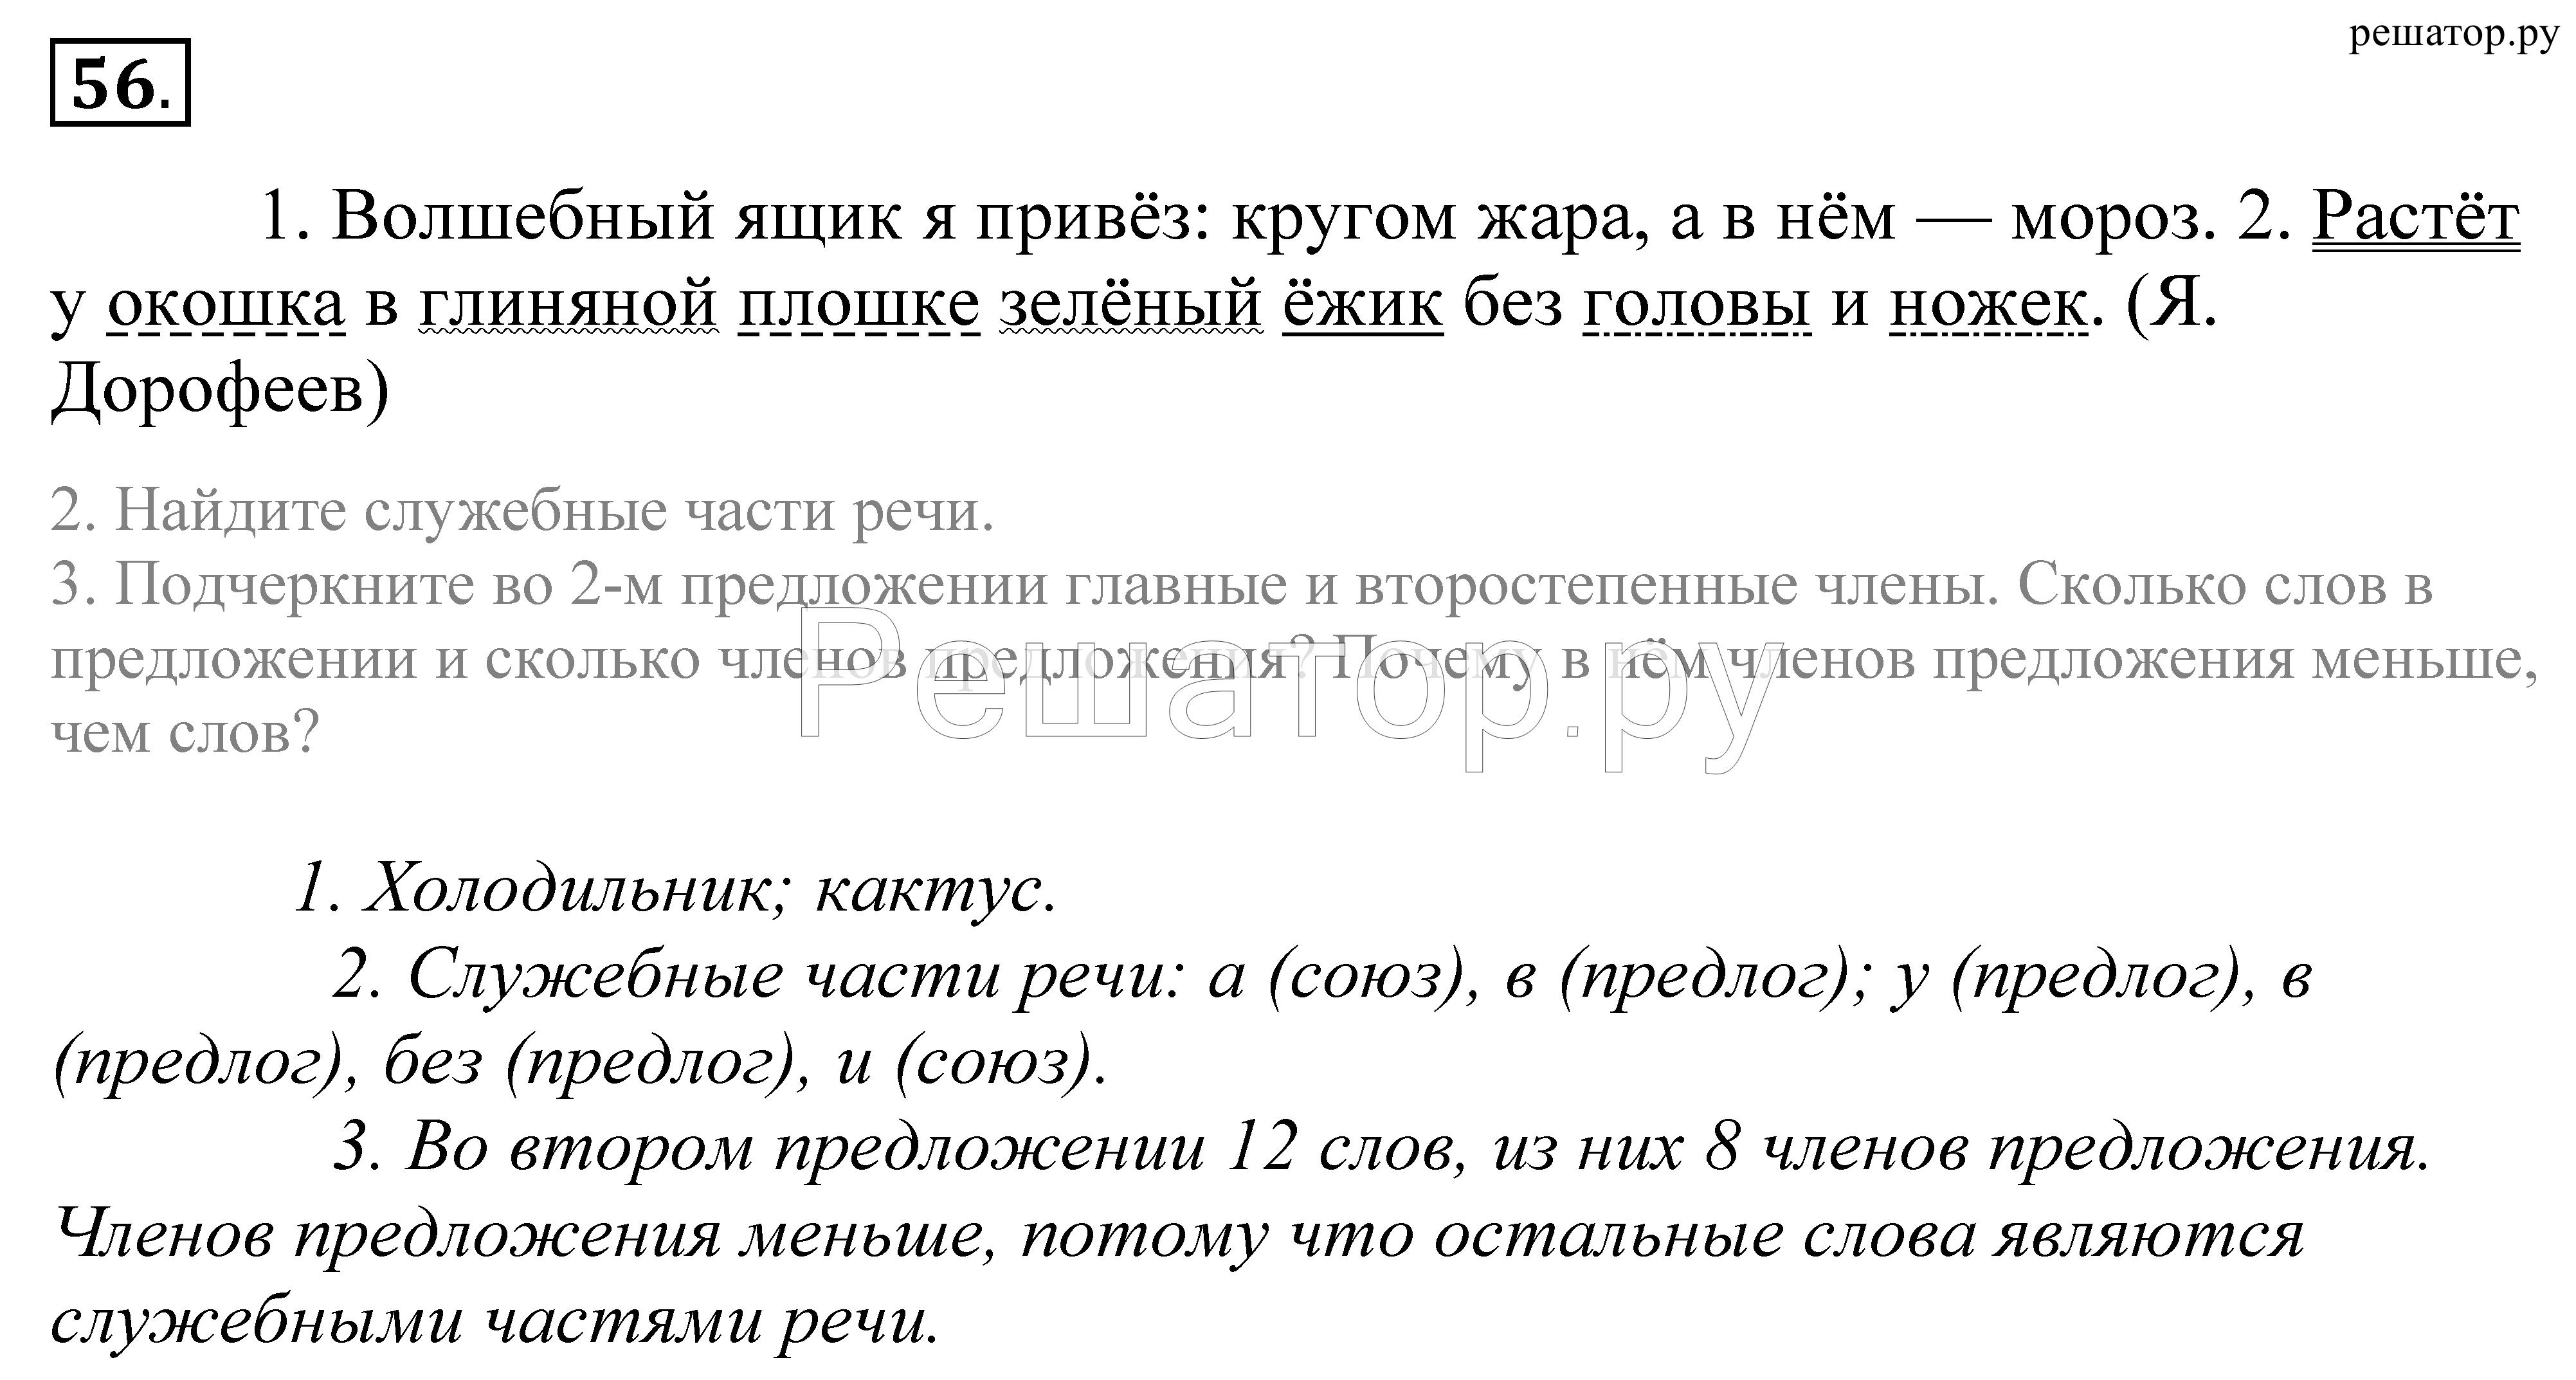 Гдз по русскому языку 5 купалова еремеева пахнова